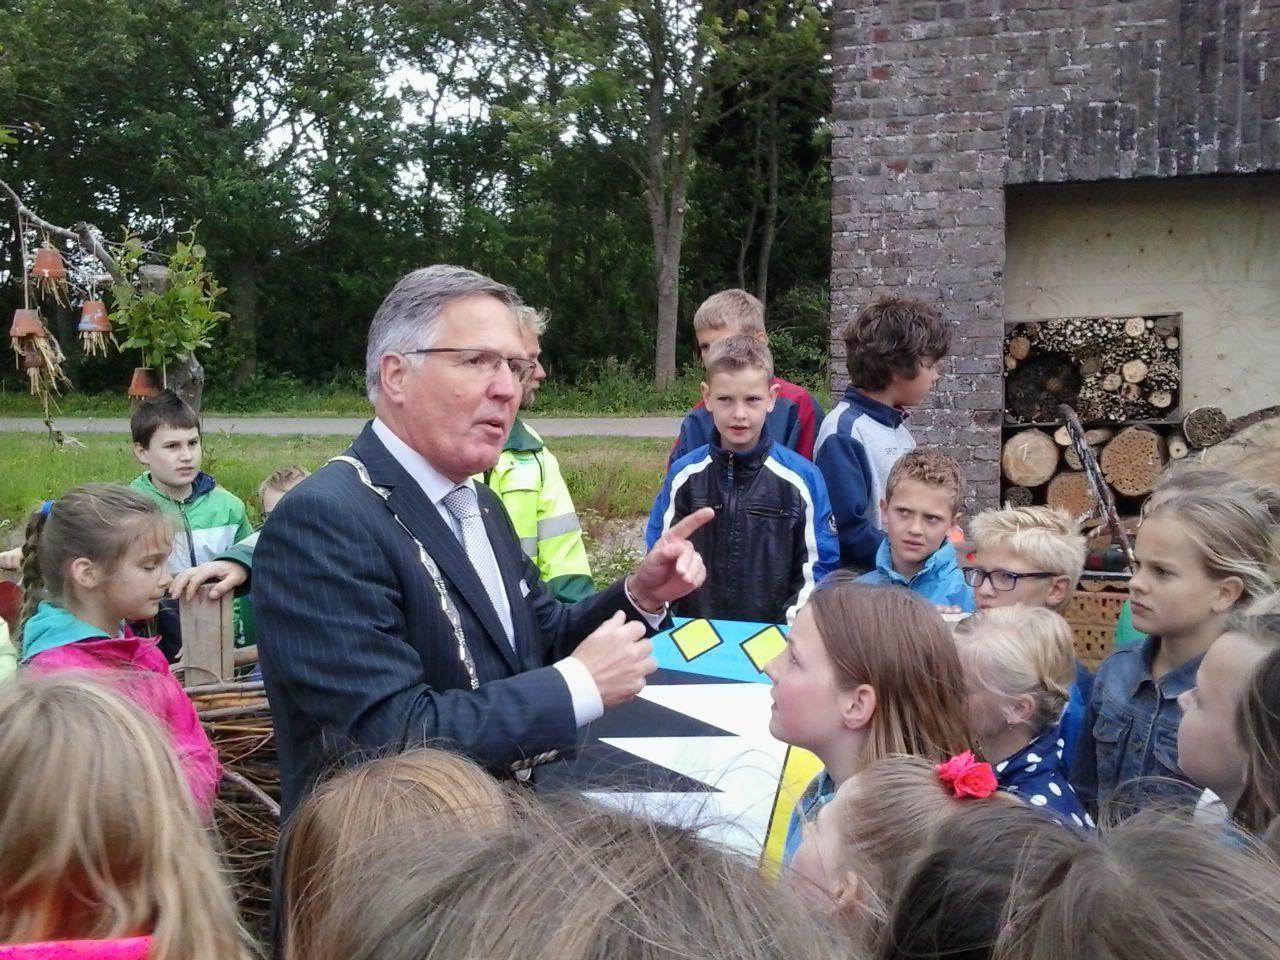 Opening Natuurtoren van de Baron door burgemeester G.C.G.M. Rabelink.